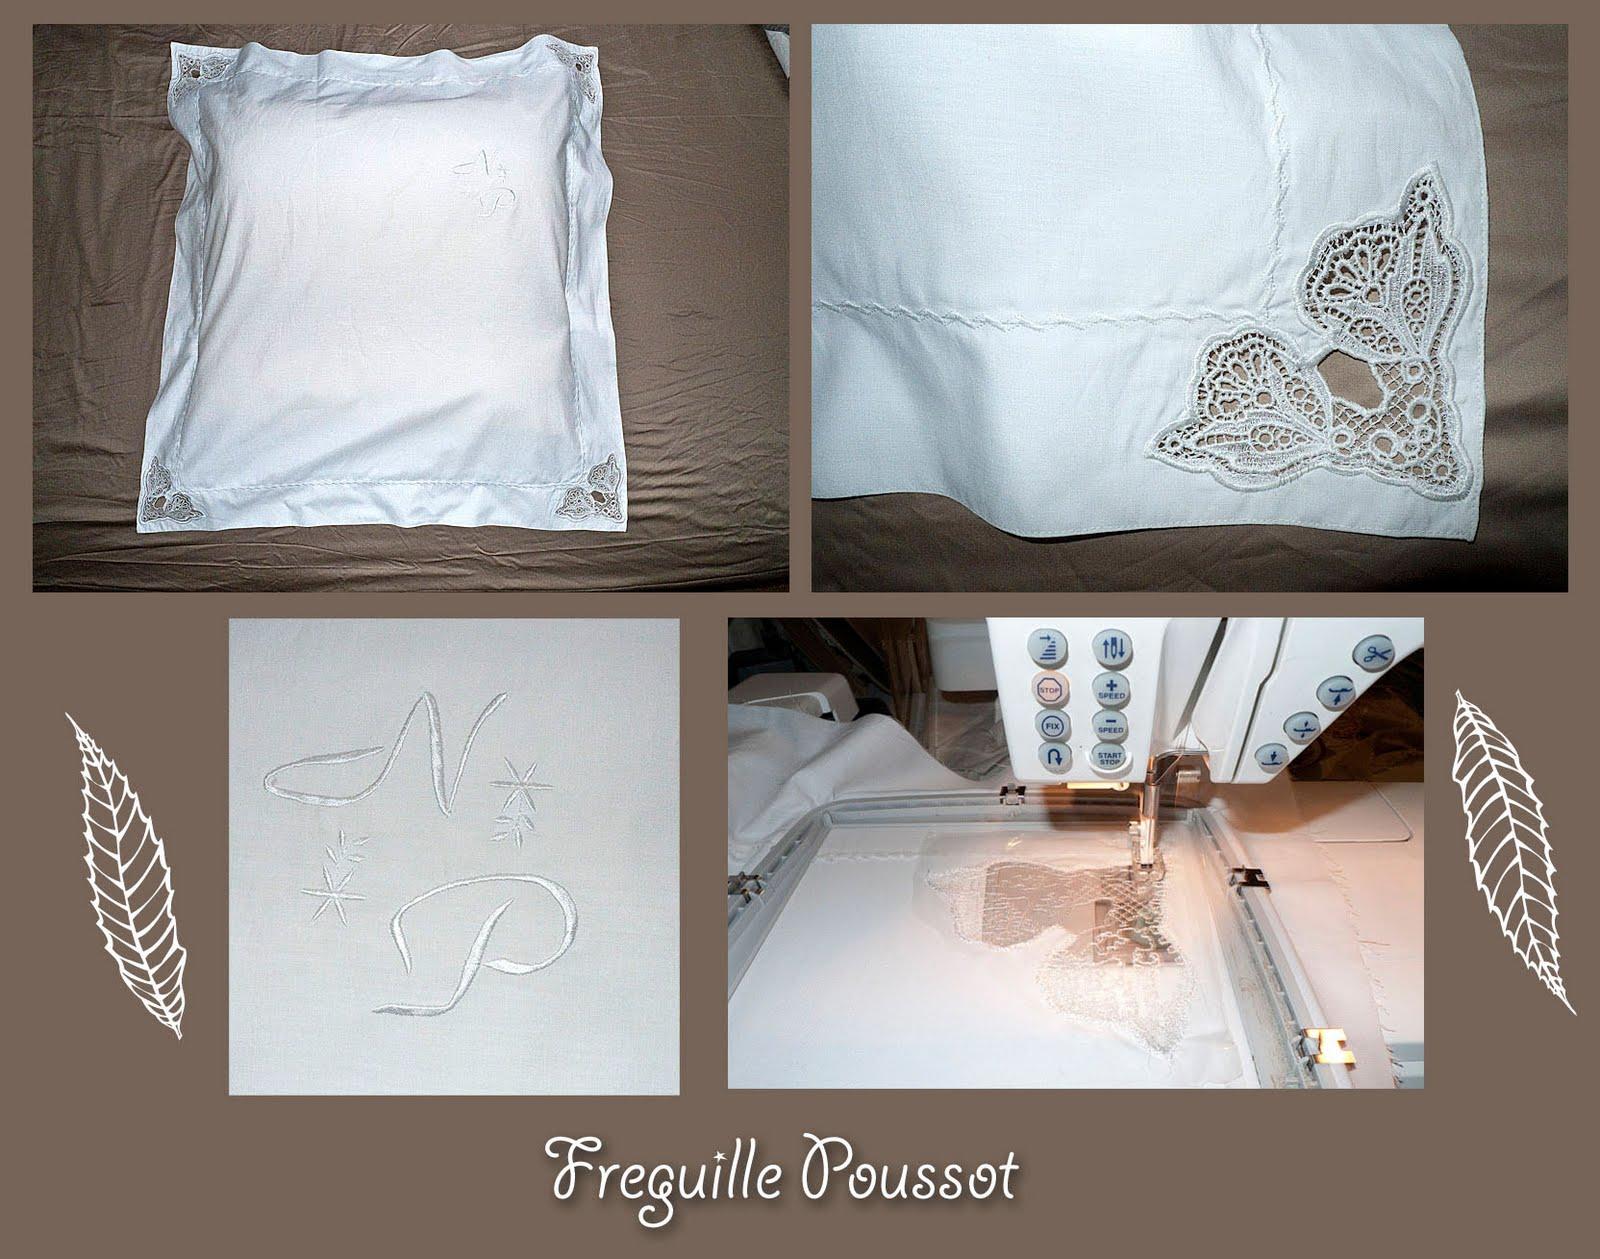 Freguille poussot une taie d 39 oreiller - Une taie d oreiller ...